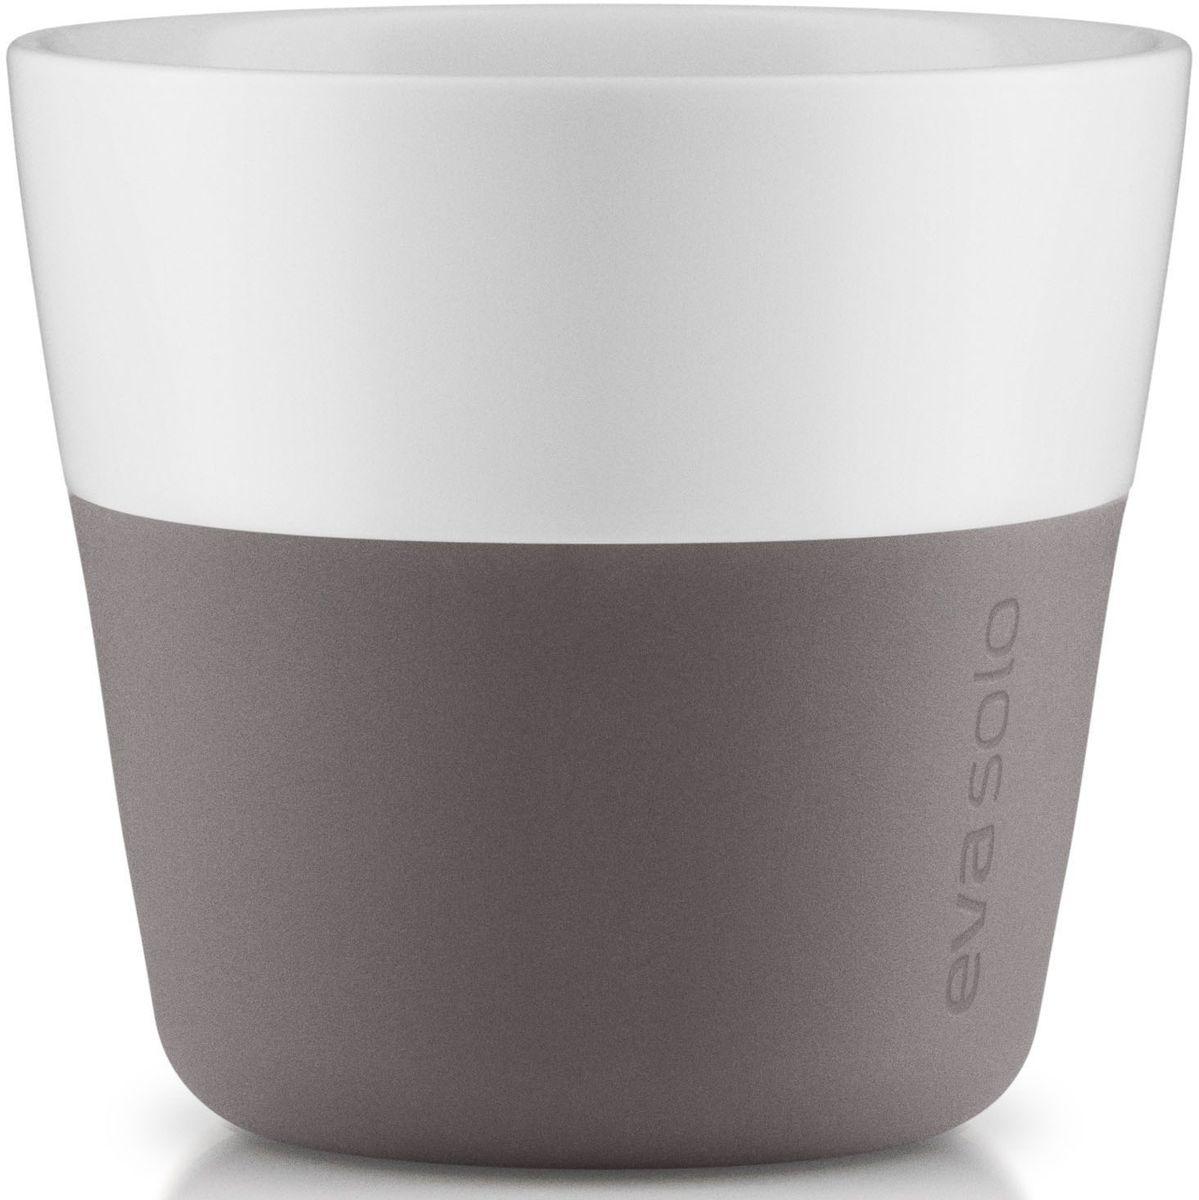 Чашки для лунго Eva Solo, 230 мл, 2 шт., цвет: серый501021Чашка для кофе лунго от Eva Solo рассчитана на 230 мл - оптимальный объем, а также стандарт для этого типа напитка у большинства кофе-машин. Чашка сделана из фарфора и имеет специальный силиконовый чехол, чтобы ее можно было держать в руках, не рискуя обжечь пальцы. Чехол легко снимается, и чашку можно мыть в посудомоечной машине. Умные и красивые предметы посуды от Eva Solo будут украшением любой кухни!